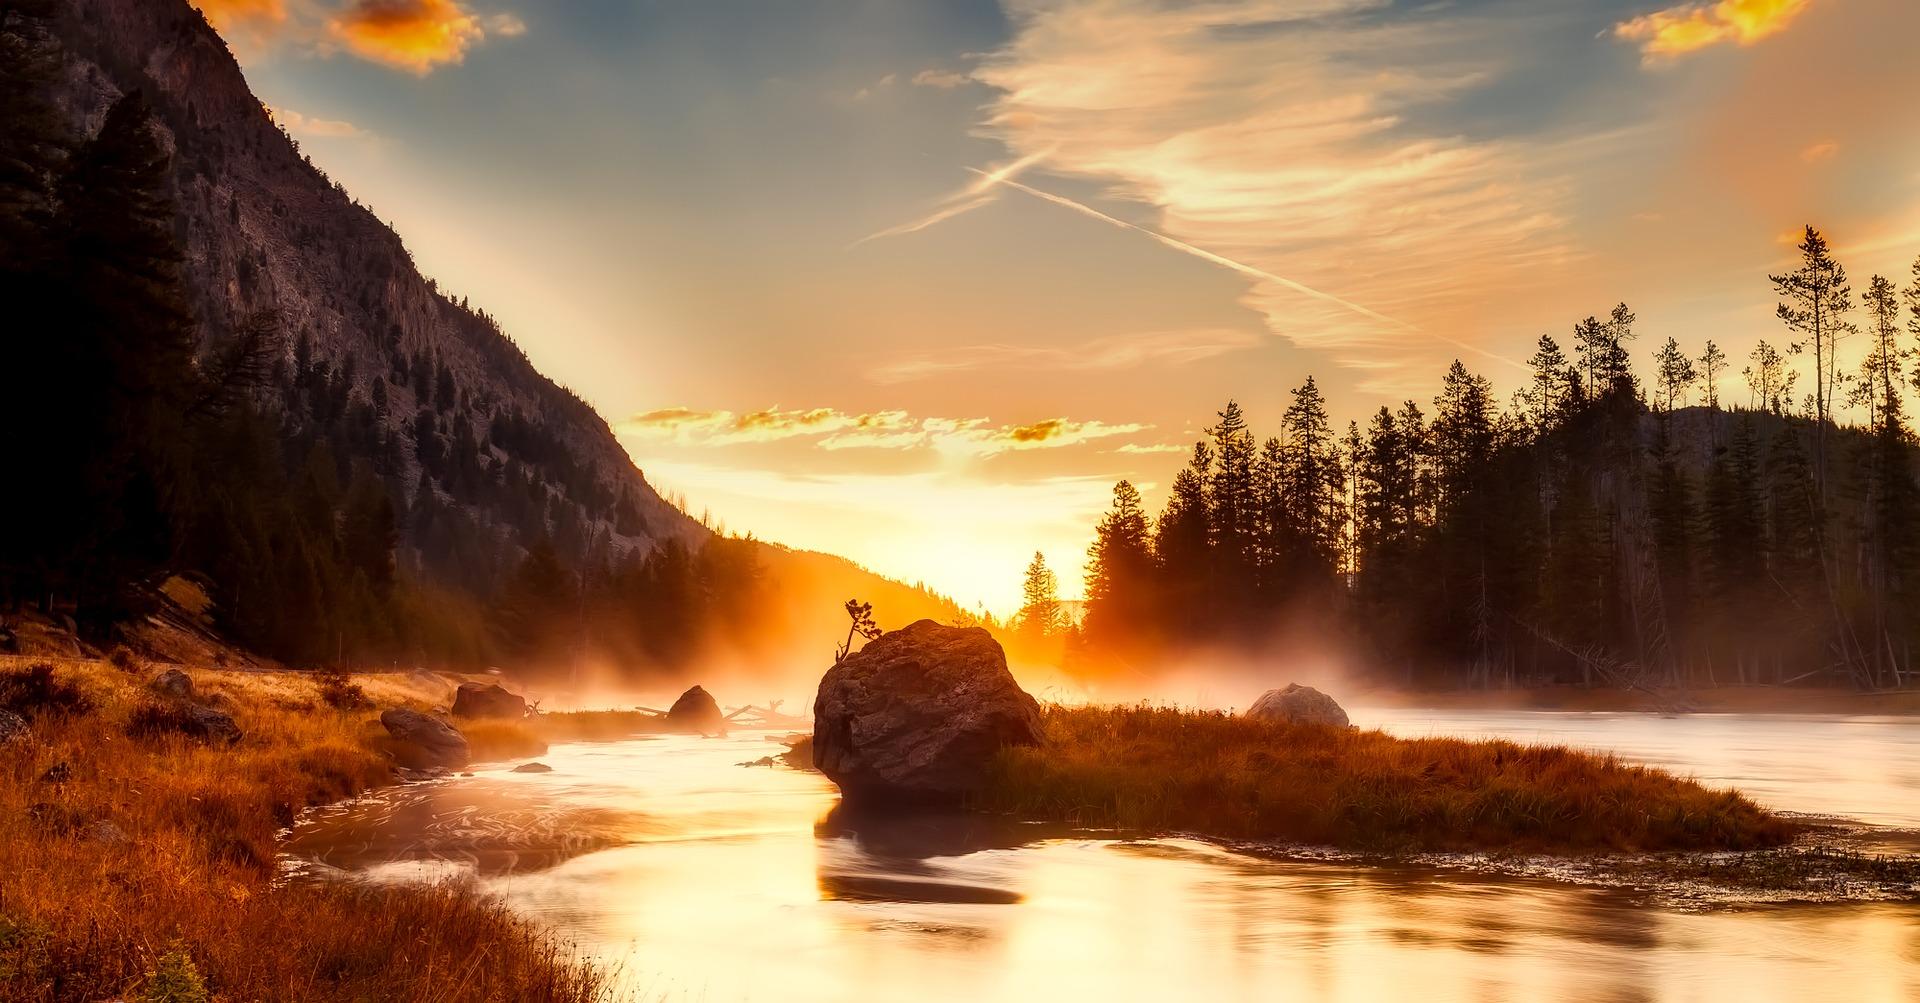 Sunset, Yellowstone National Park, USA